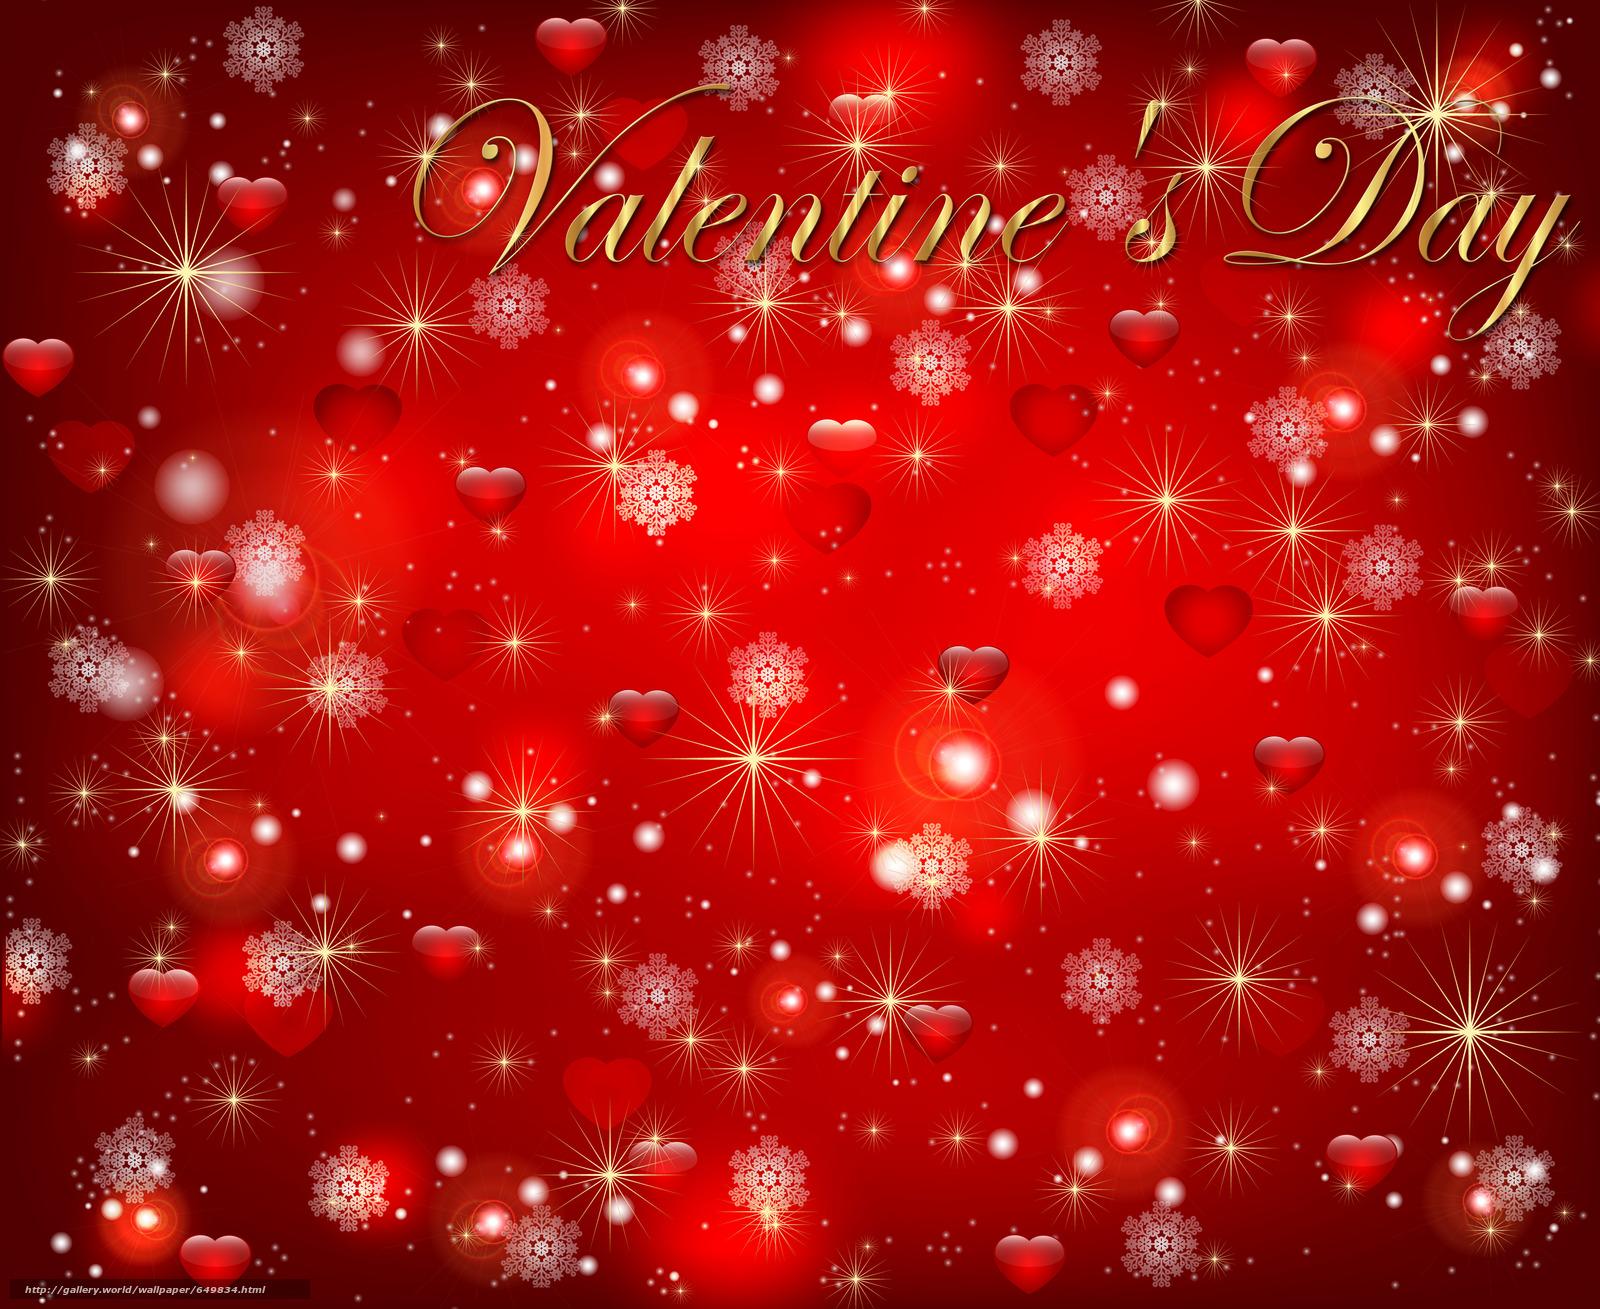 Скачать обои Валентинки,  Валентинка,  День святого Валентина,  день влюблённых бесплатно для рабочего стола в разрешении 6000x4909 — картинка №649834